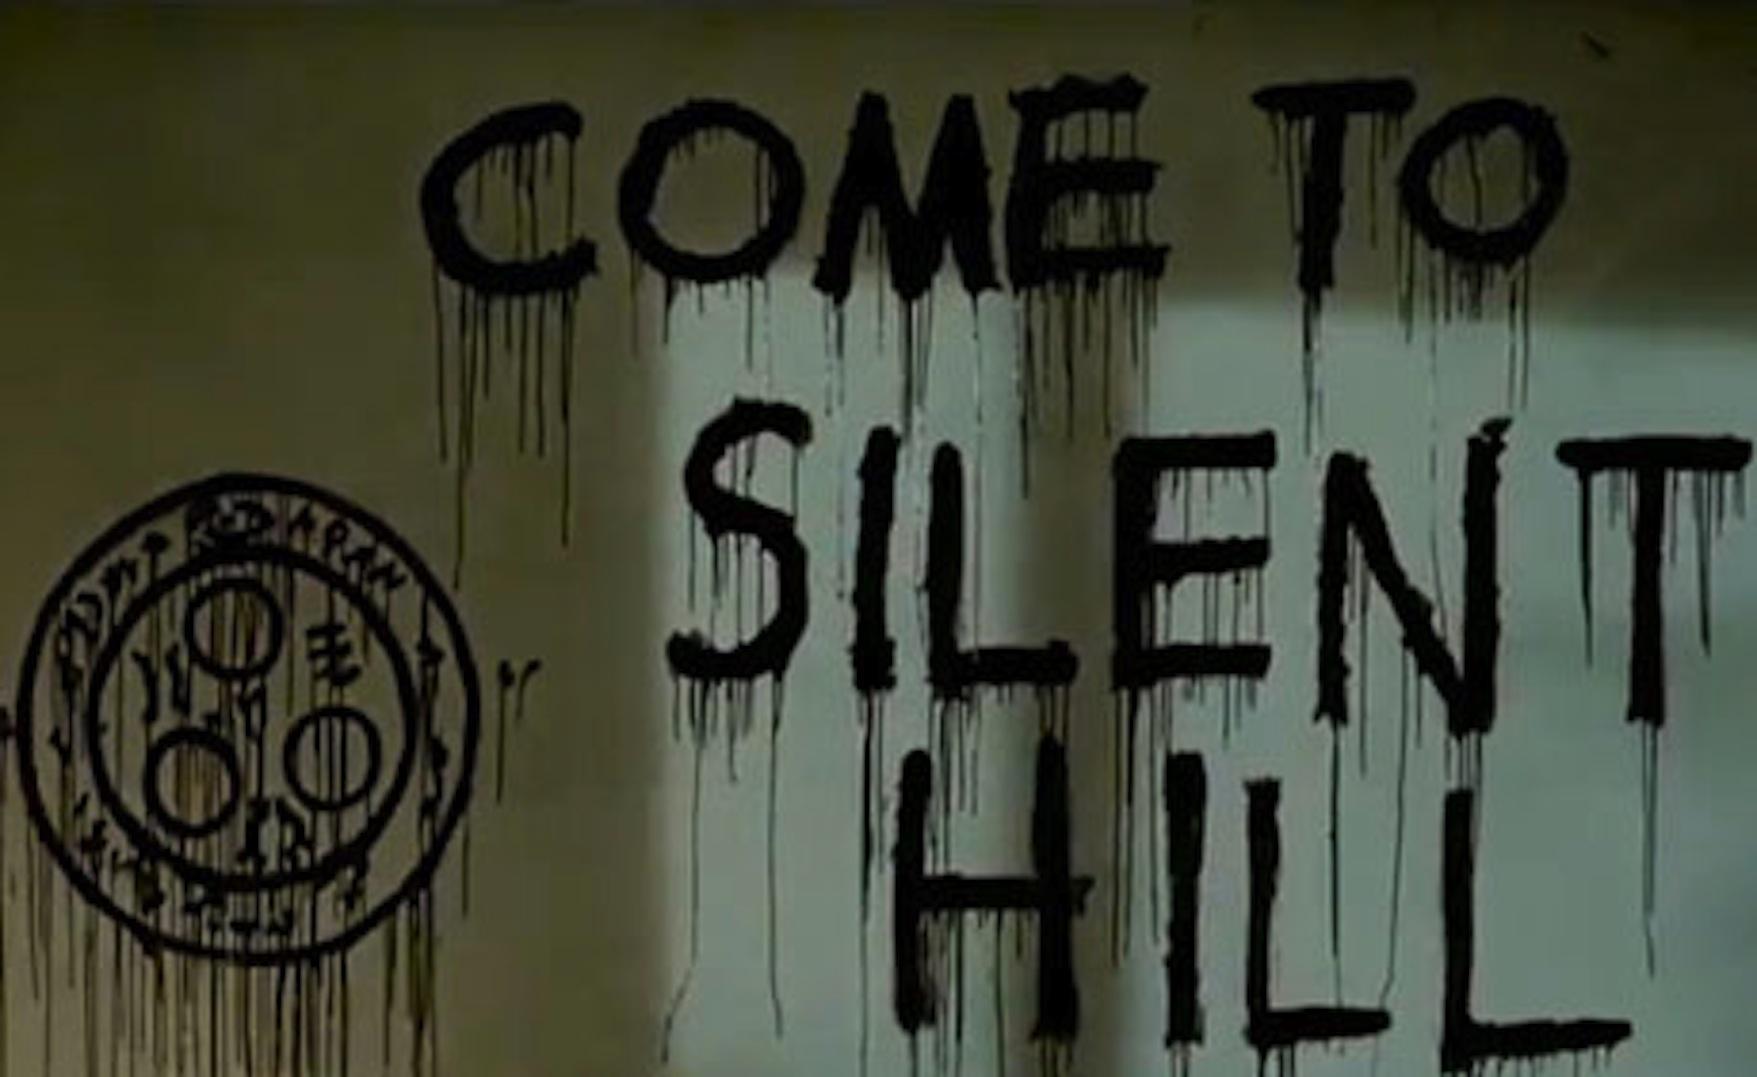 Silent Hill 2012